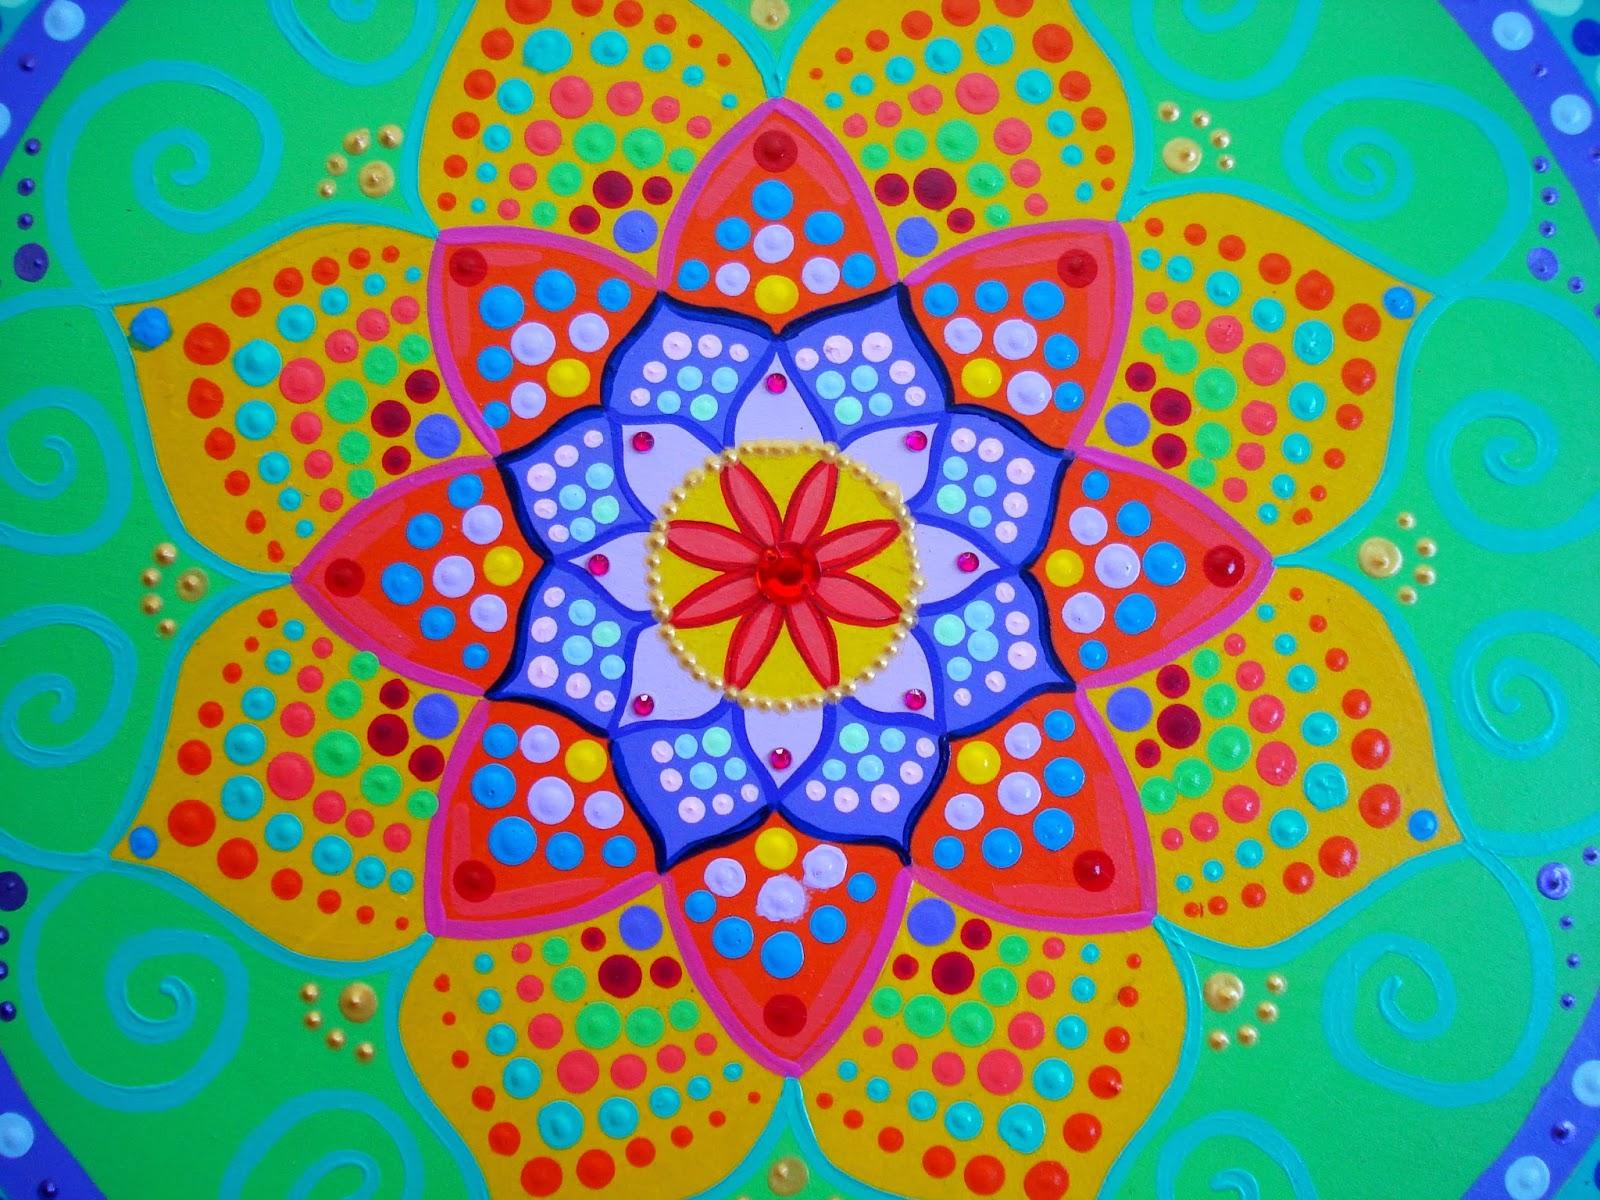 Psychedelic Wallpaper Hd Im 225 Genes Con Mandalas De Colores